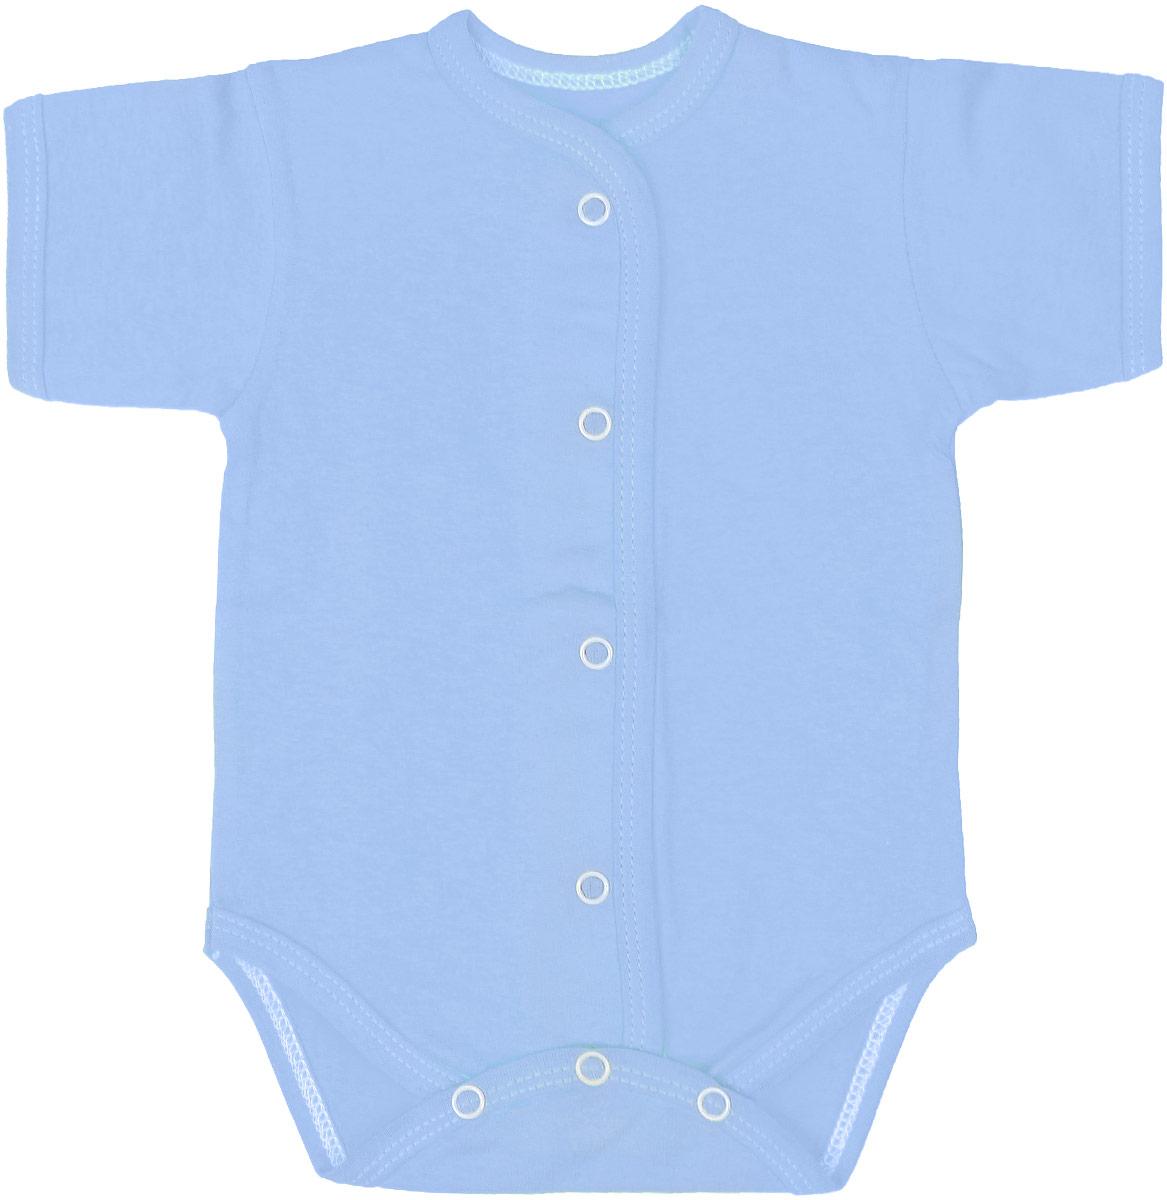 Боди детское Чудесные одежки, цвет: голубой. 5869. Размер 565869Детское боди Чудесные одежки выполнено из натурального хлопка.Боди с короткими рукавами и круглым вырезом горловины застегивается на кнопки на ластовице и спереди, что позволяет легко и быстро одеть малыша или поменять подгузник. Горловина, манжеты рукавов, полочки и проймы для ножек отделаны трикотажной лентой.